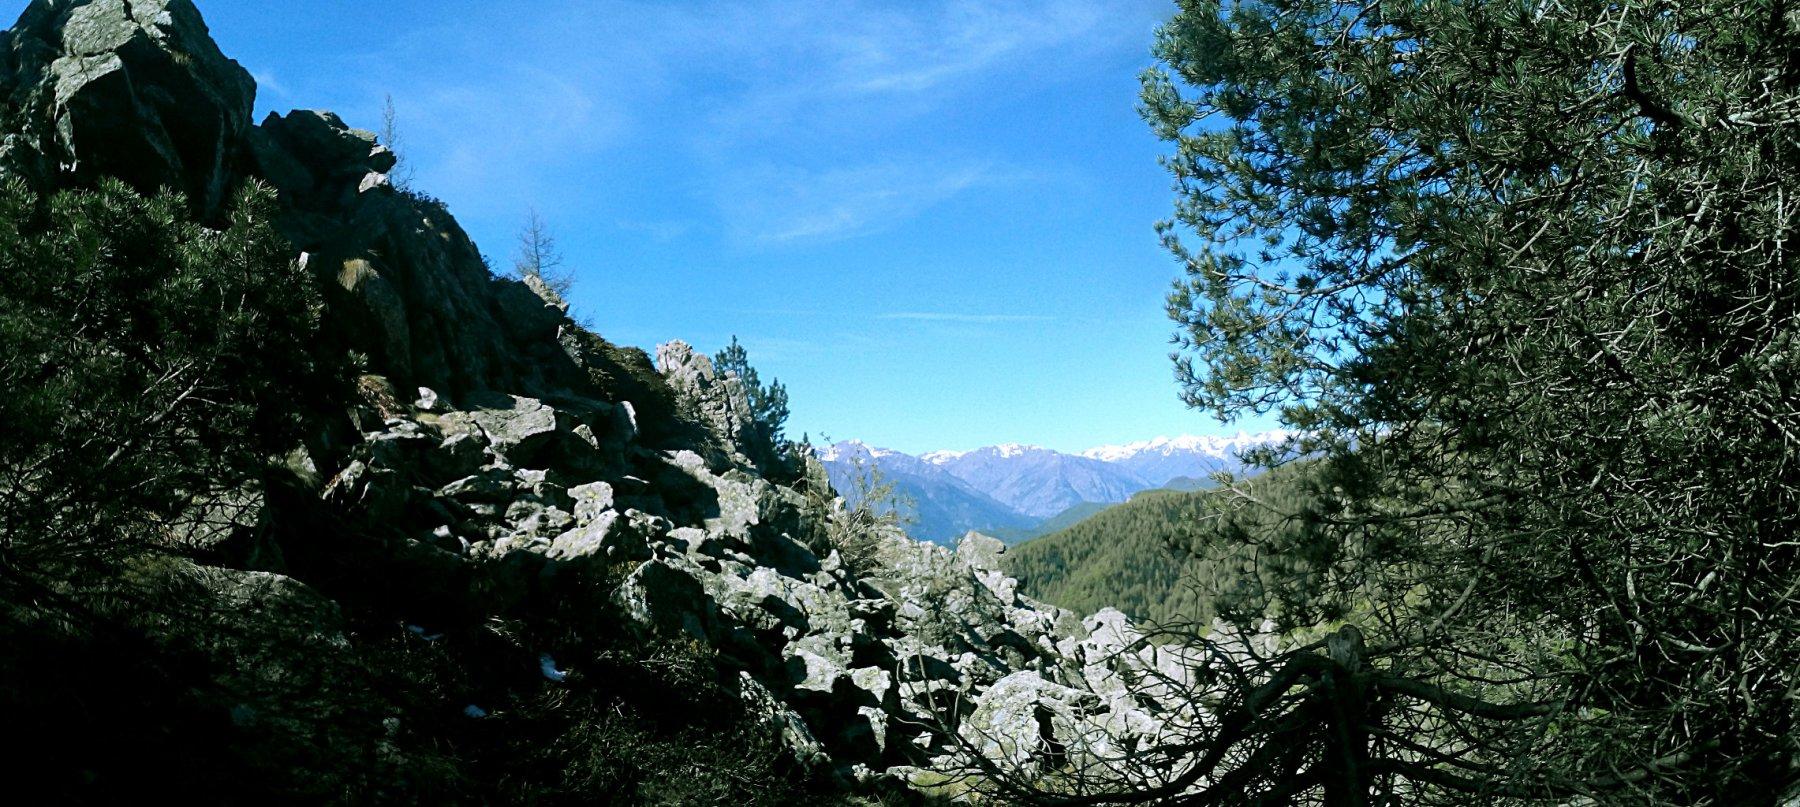 Alpe (l') o Alpe di Rittana da Valloriate, anello perColle dell'Ortiga e Chiotti 2016-05-21